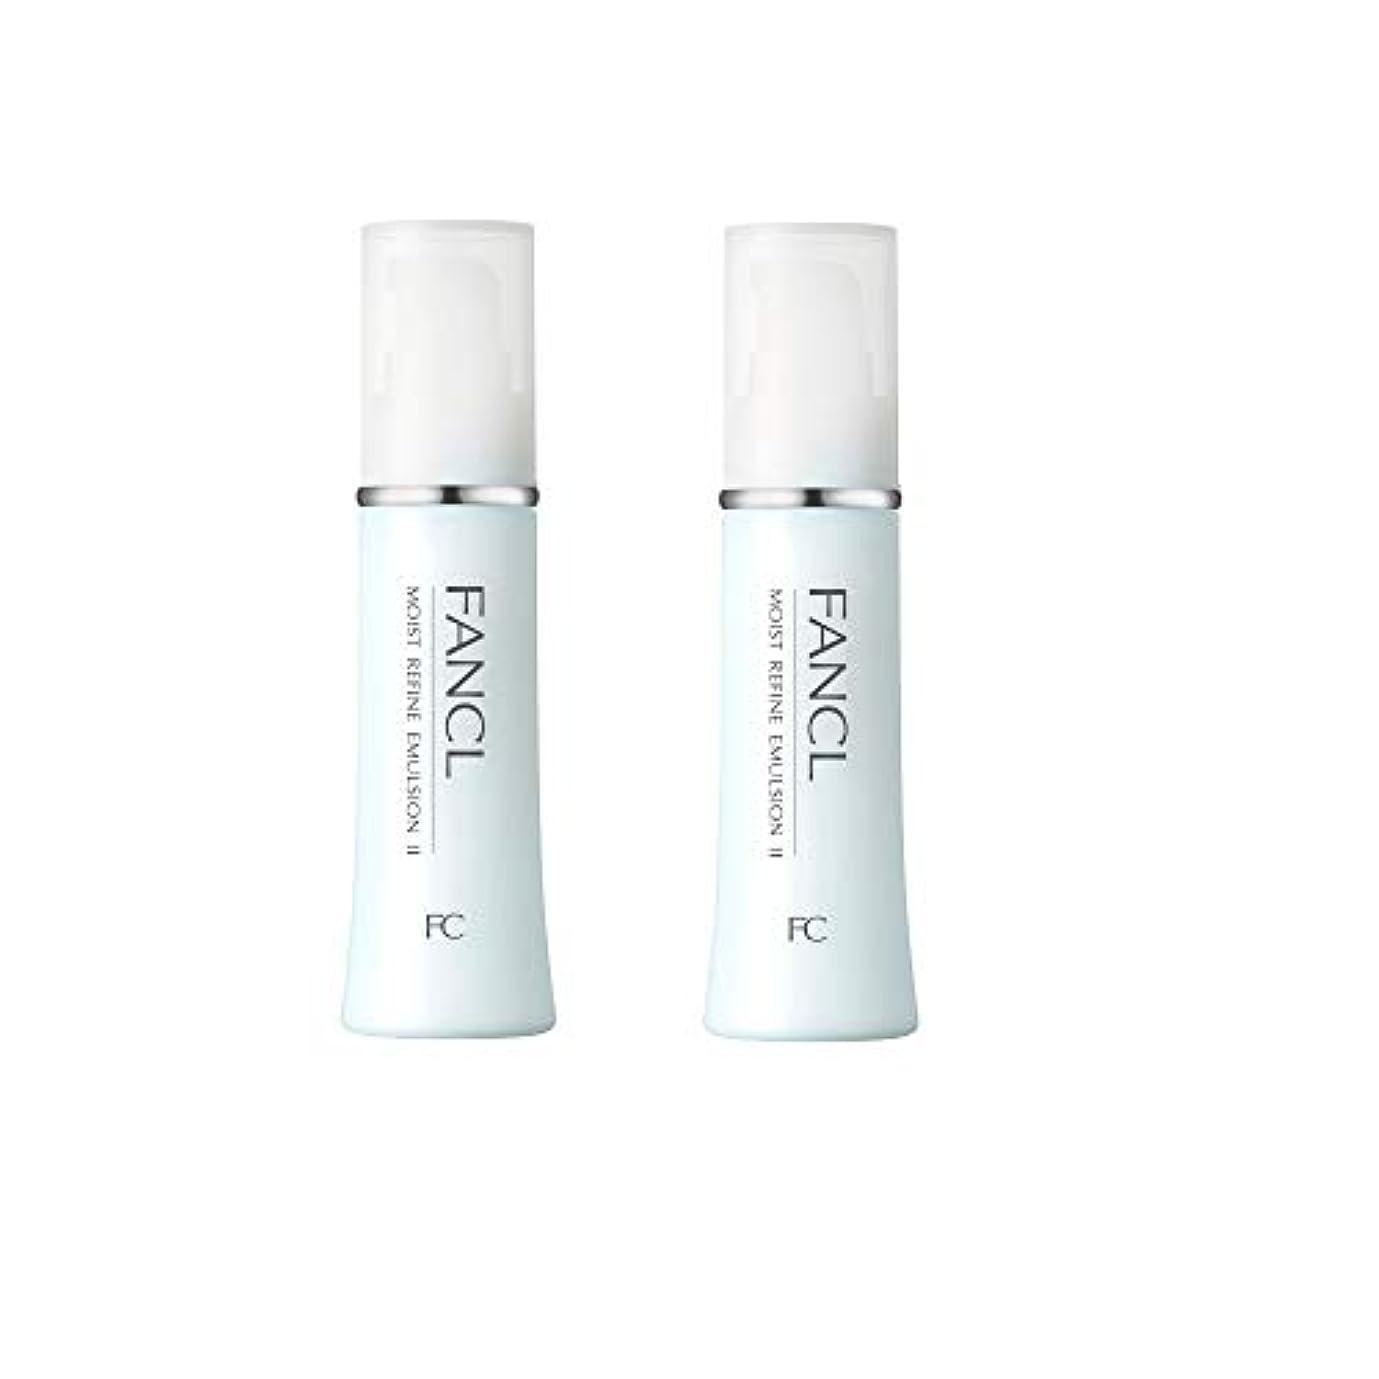 広告受け皿ゴネリルファンケル (FANCL) モイストリファイン 乳液II しっとり 2本セット 30mL×2 (約60日分)